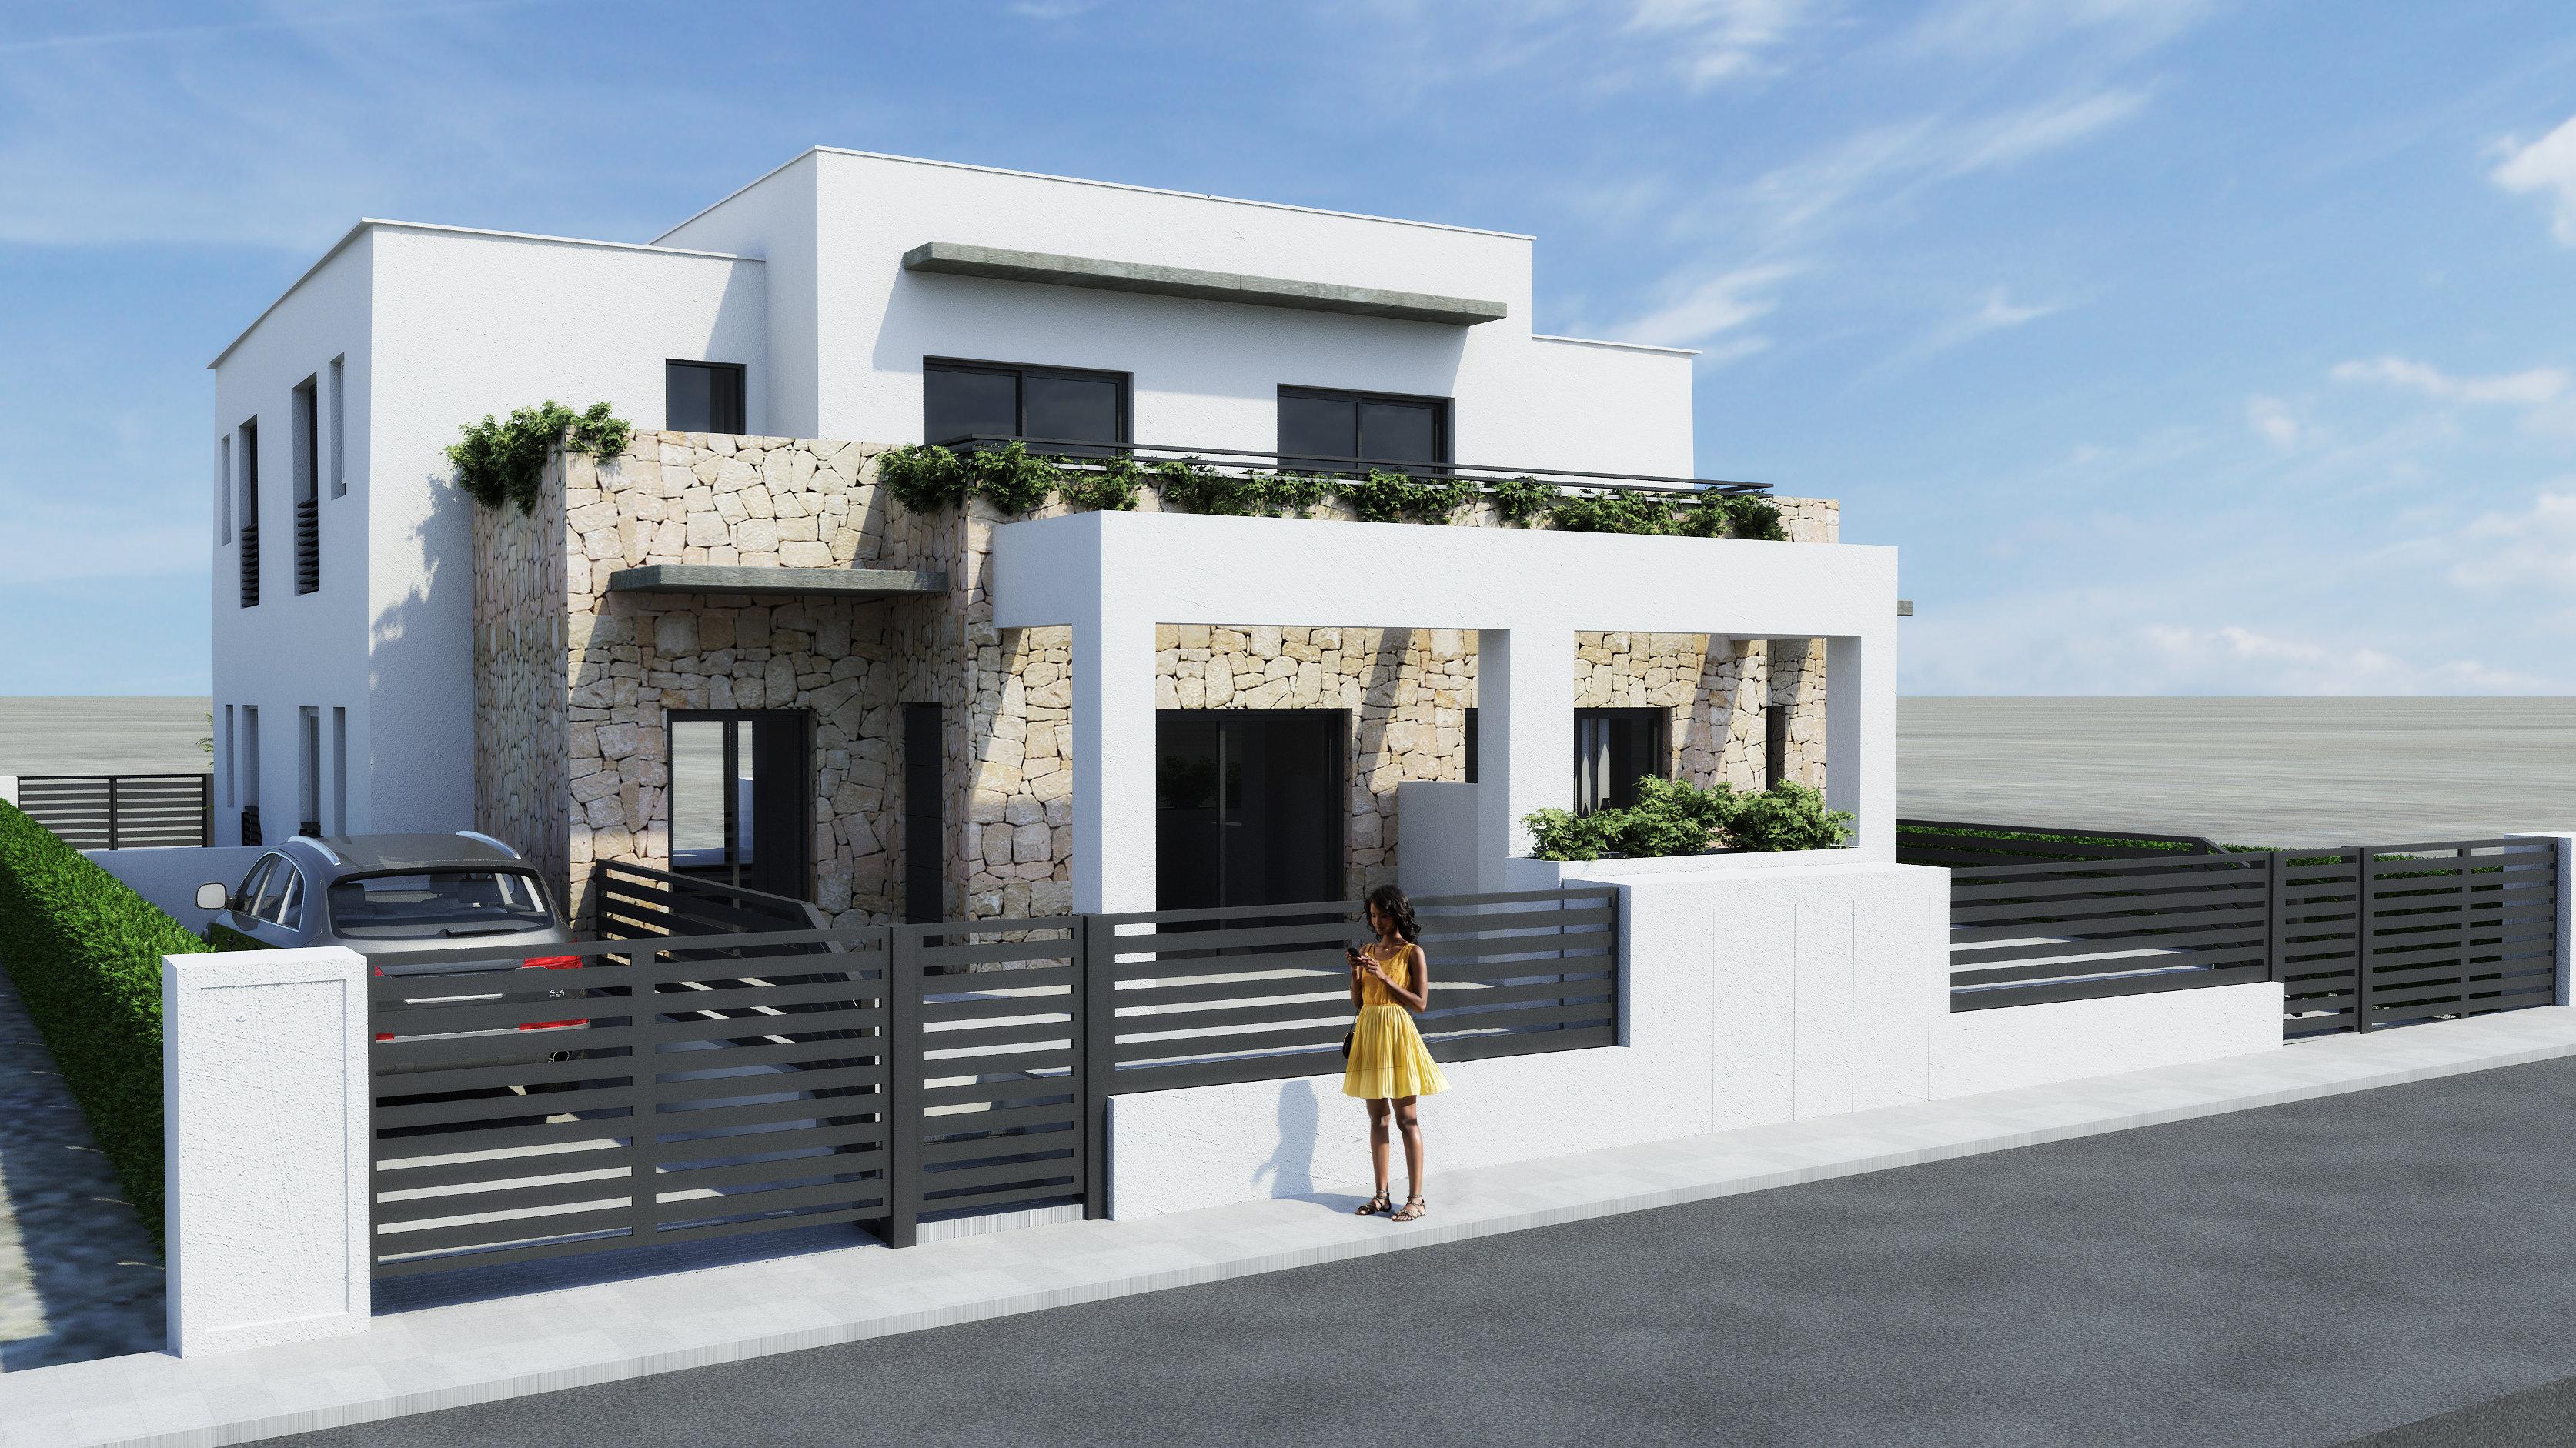 Spanien Costa Blanca Torrevieja – Neue Eckhäuser im modernen Stil – zentrumsnah aber dennoch ruhig